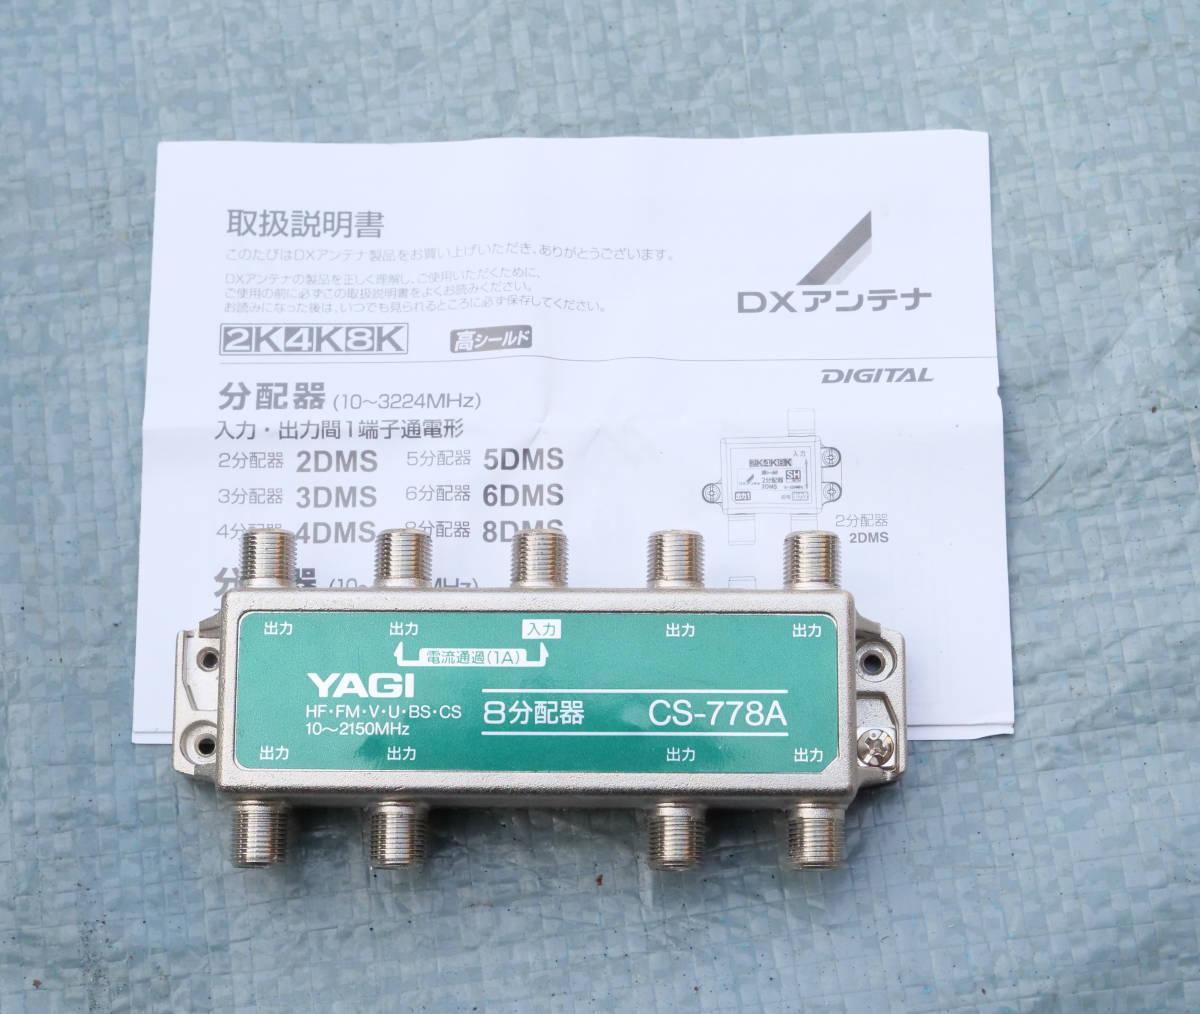 45型BS/CSパラボラアンテナ+ブースタ増幅混合モデル+8分配器+支柱突き出し金具 その他小物 取扱説明書_画像4